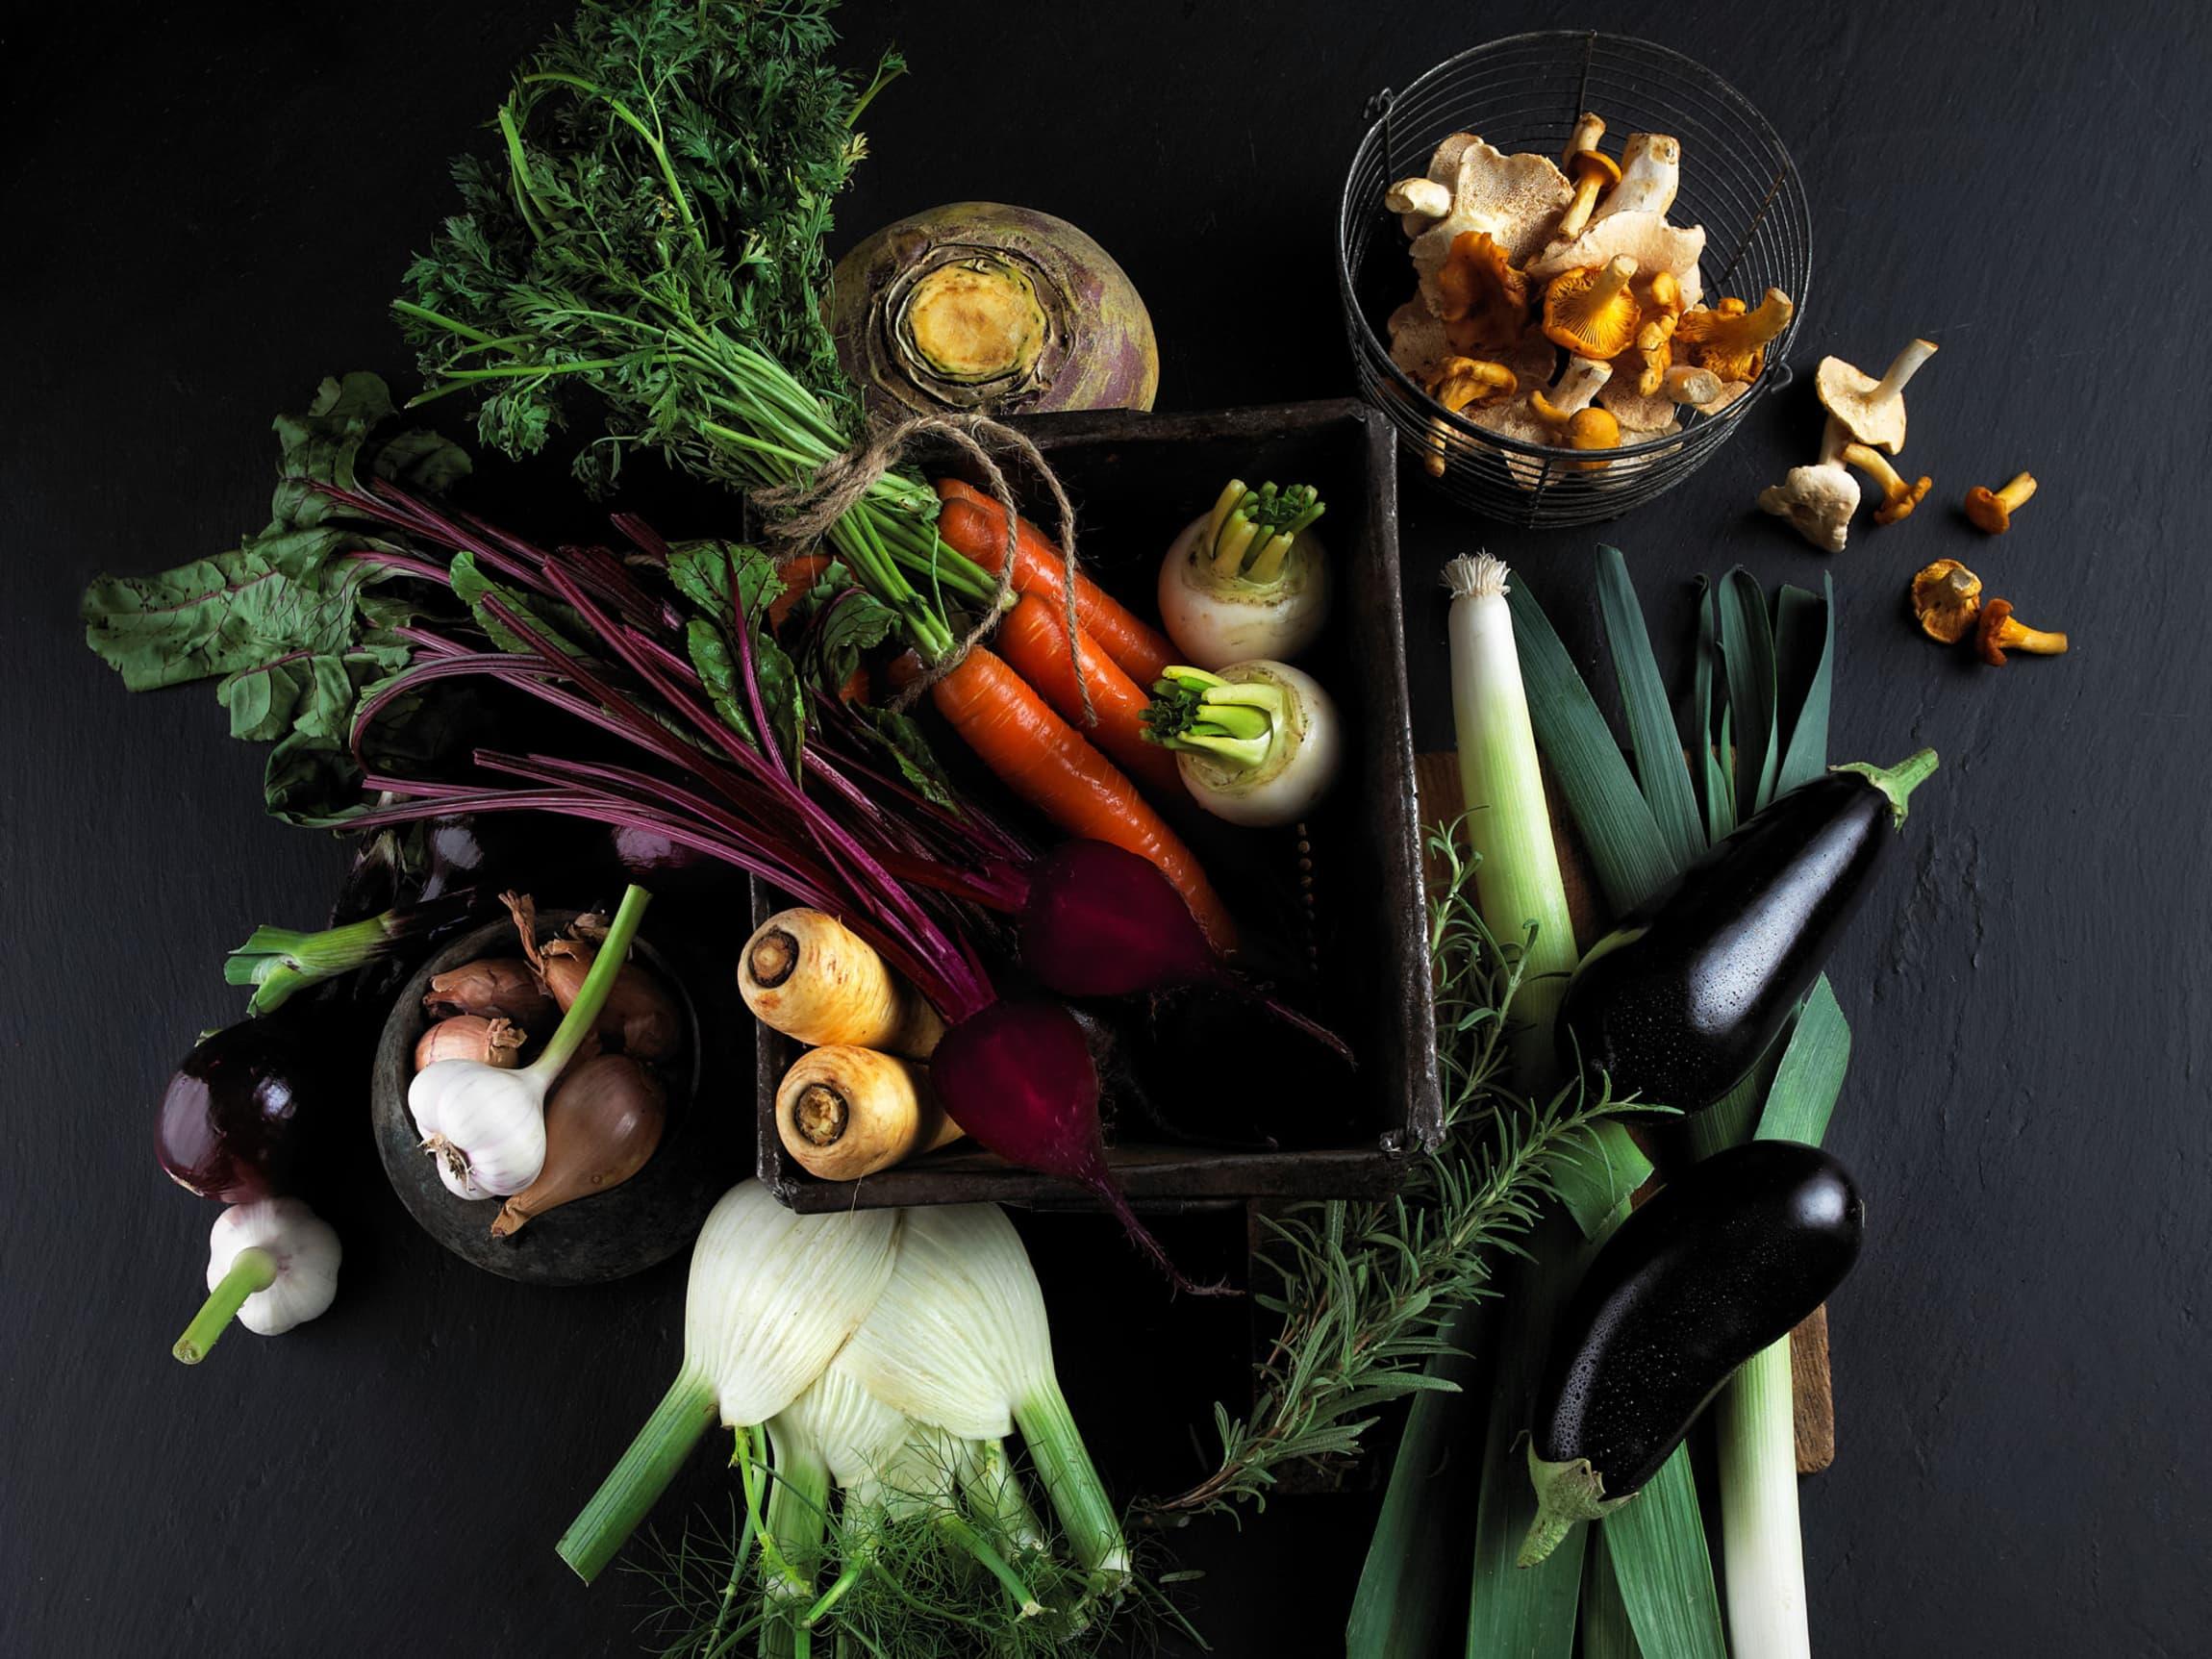 Det bugner av norske grønnsaker på høsten - perfekt tilbehør til lam- og viltkjøtt!